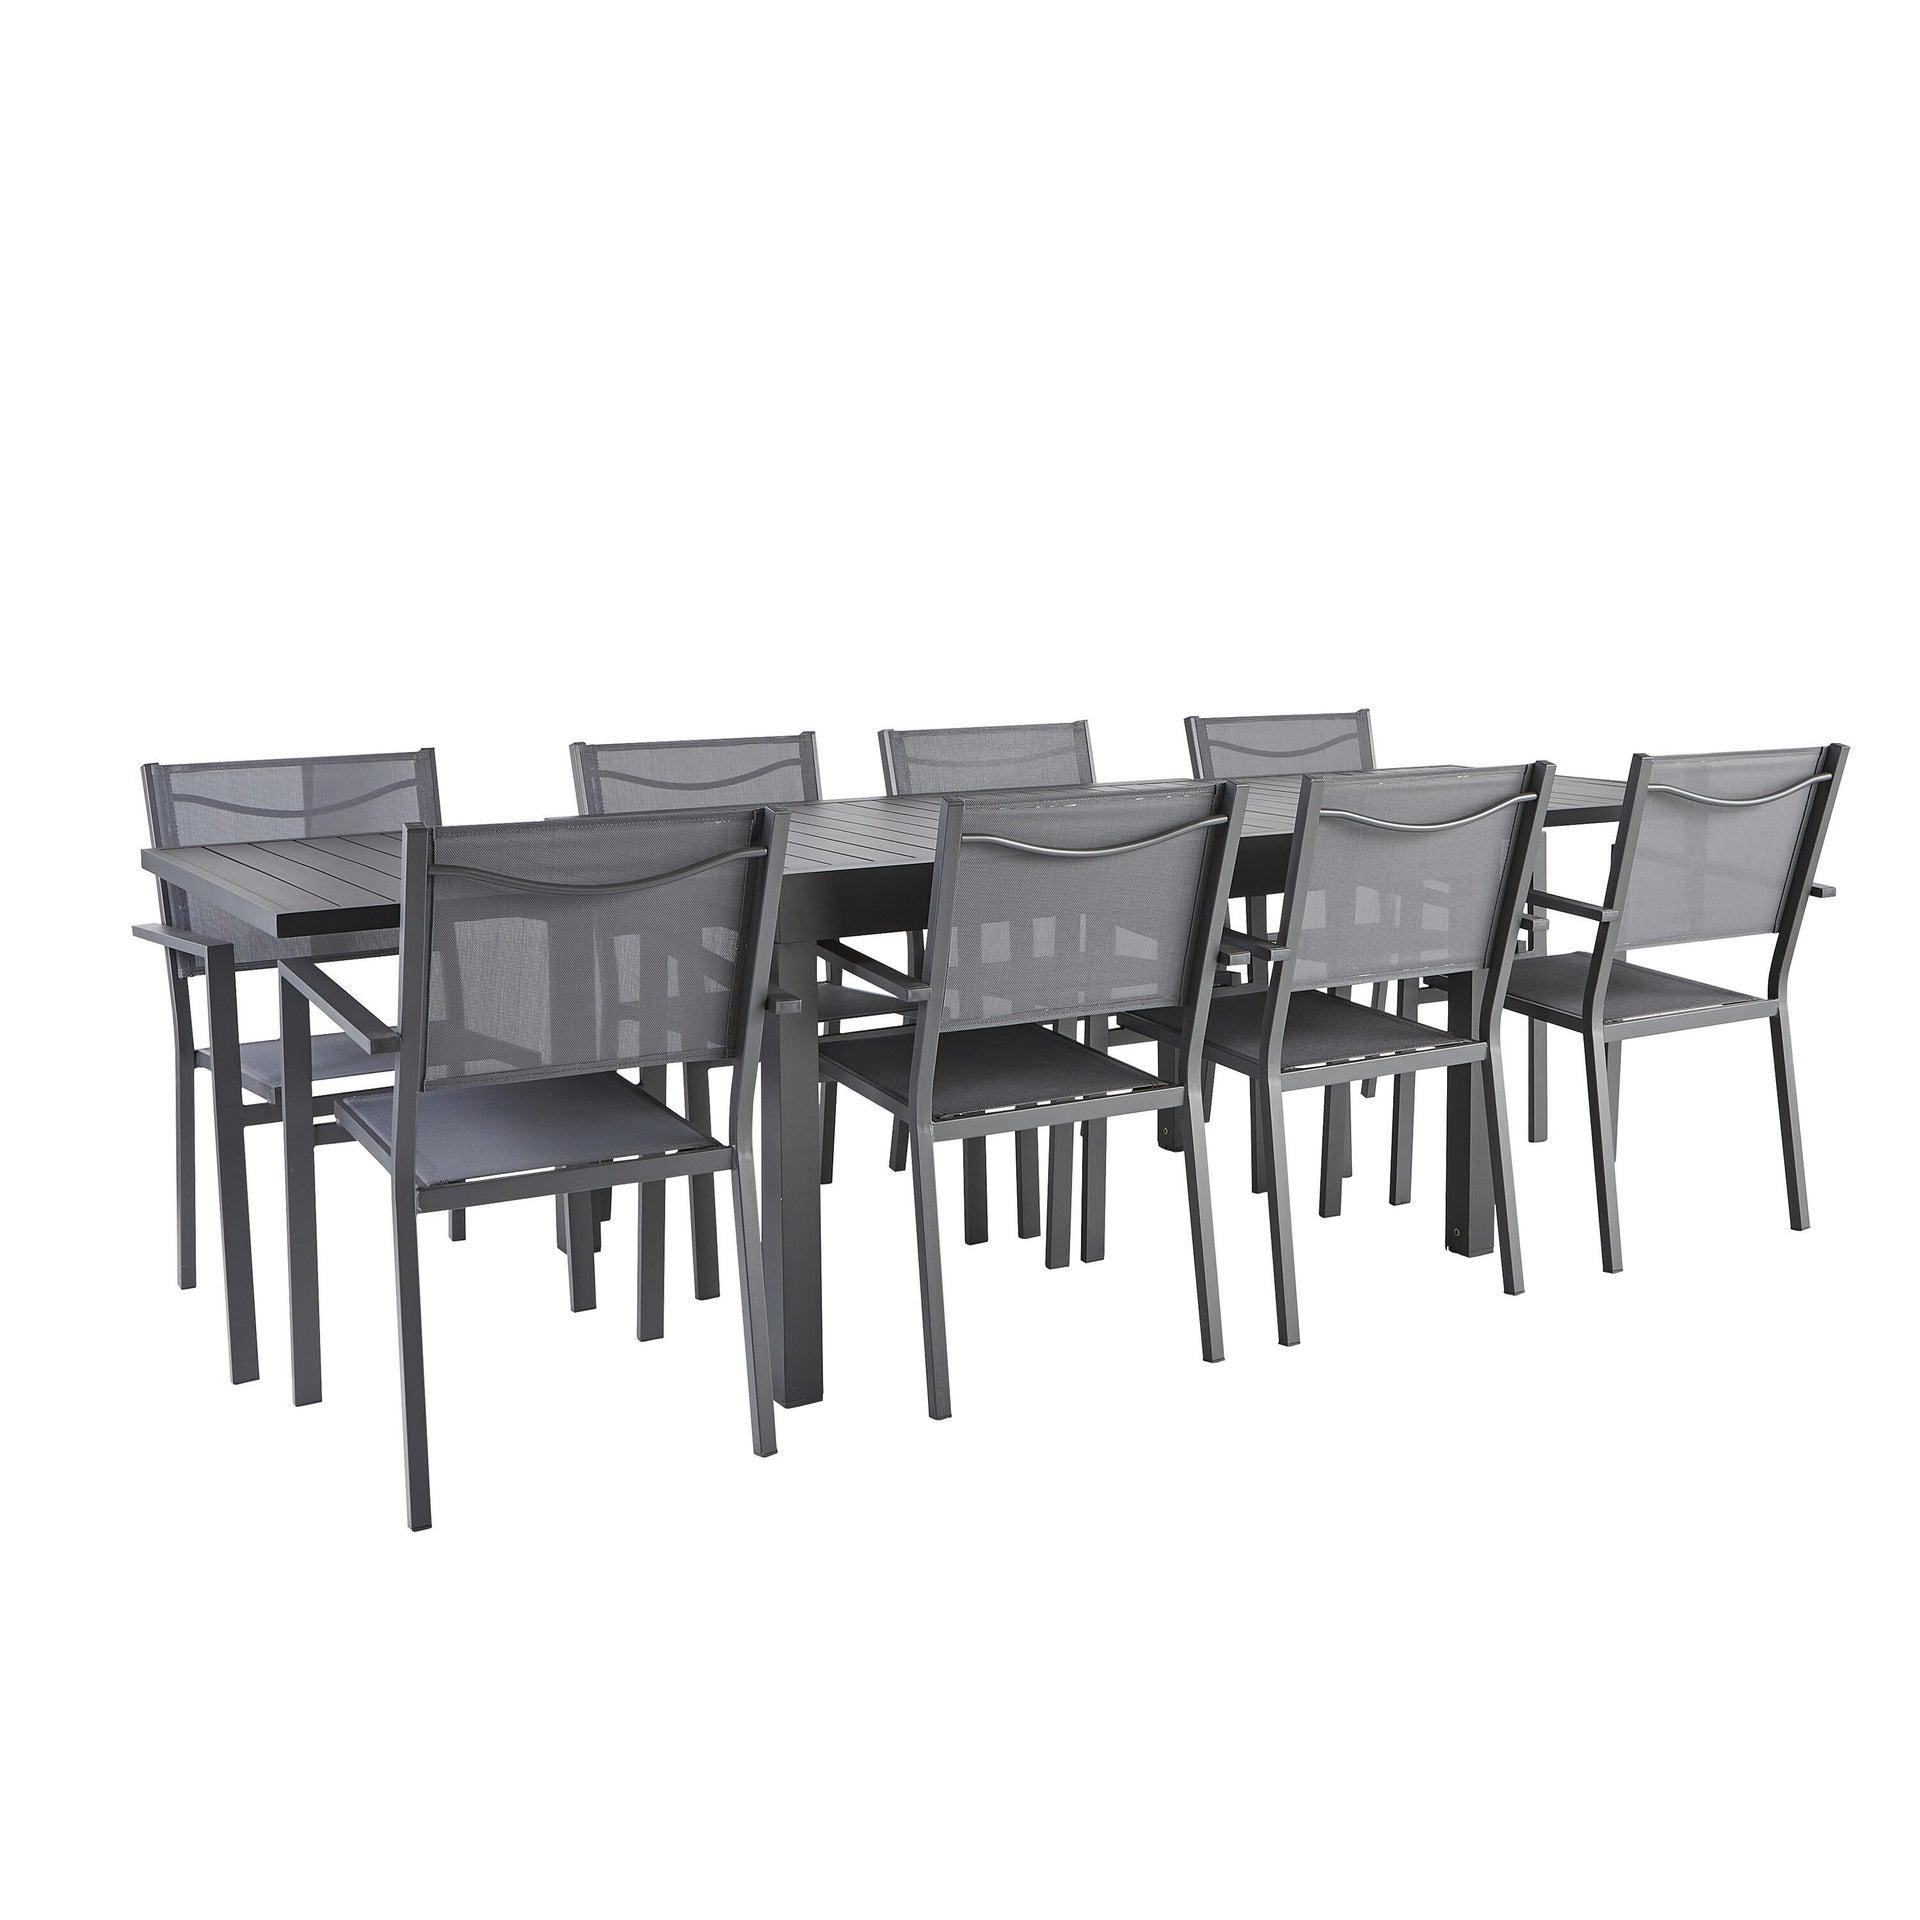 Tavolo da giardino allungabile rettangolare Lisbon con piano in alluminio L 135/270 x P 90 cm - 4